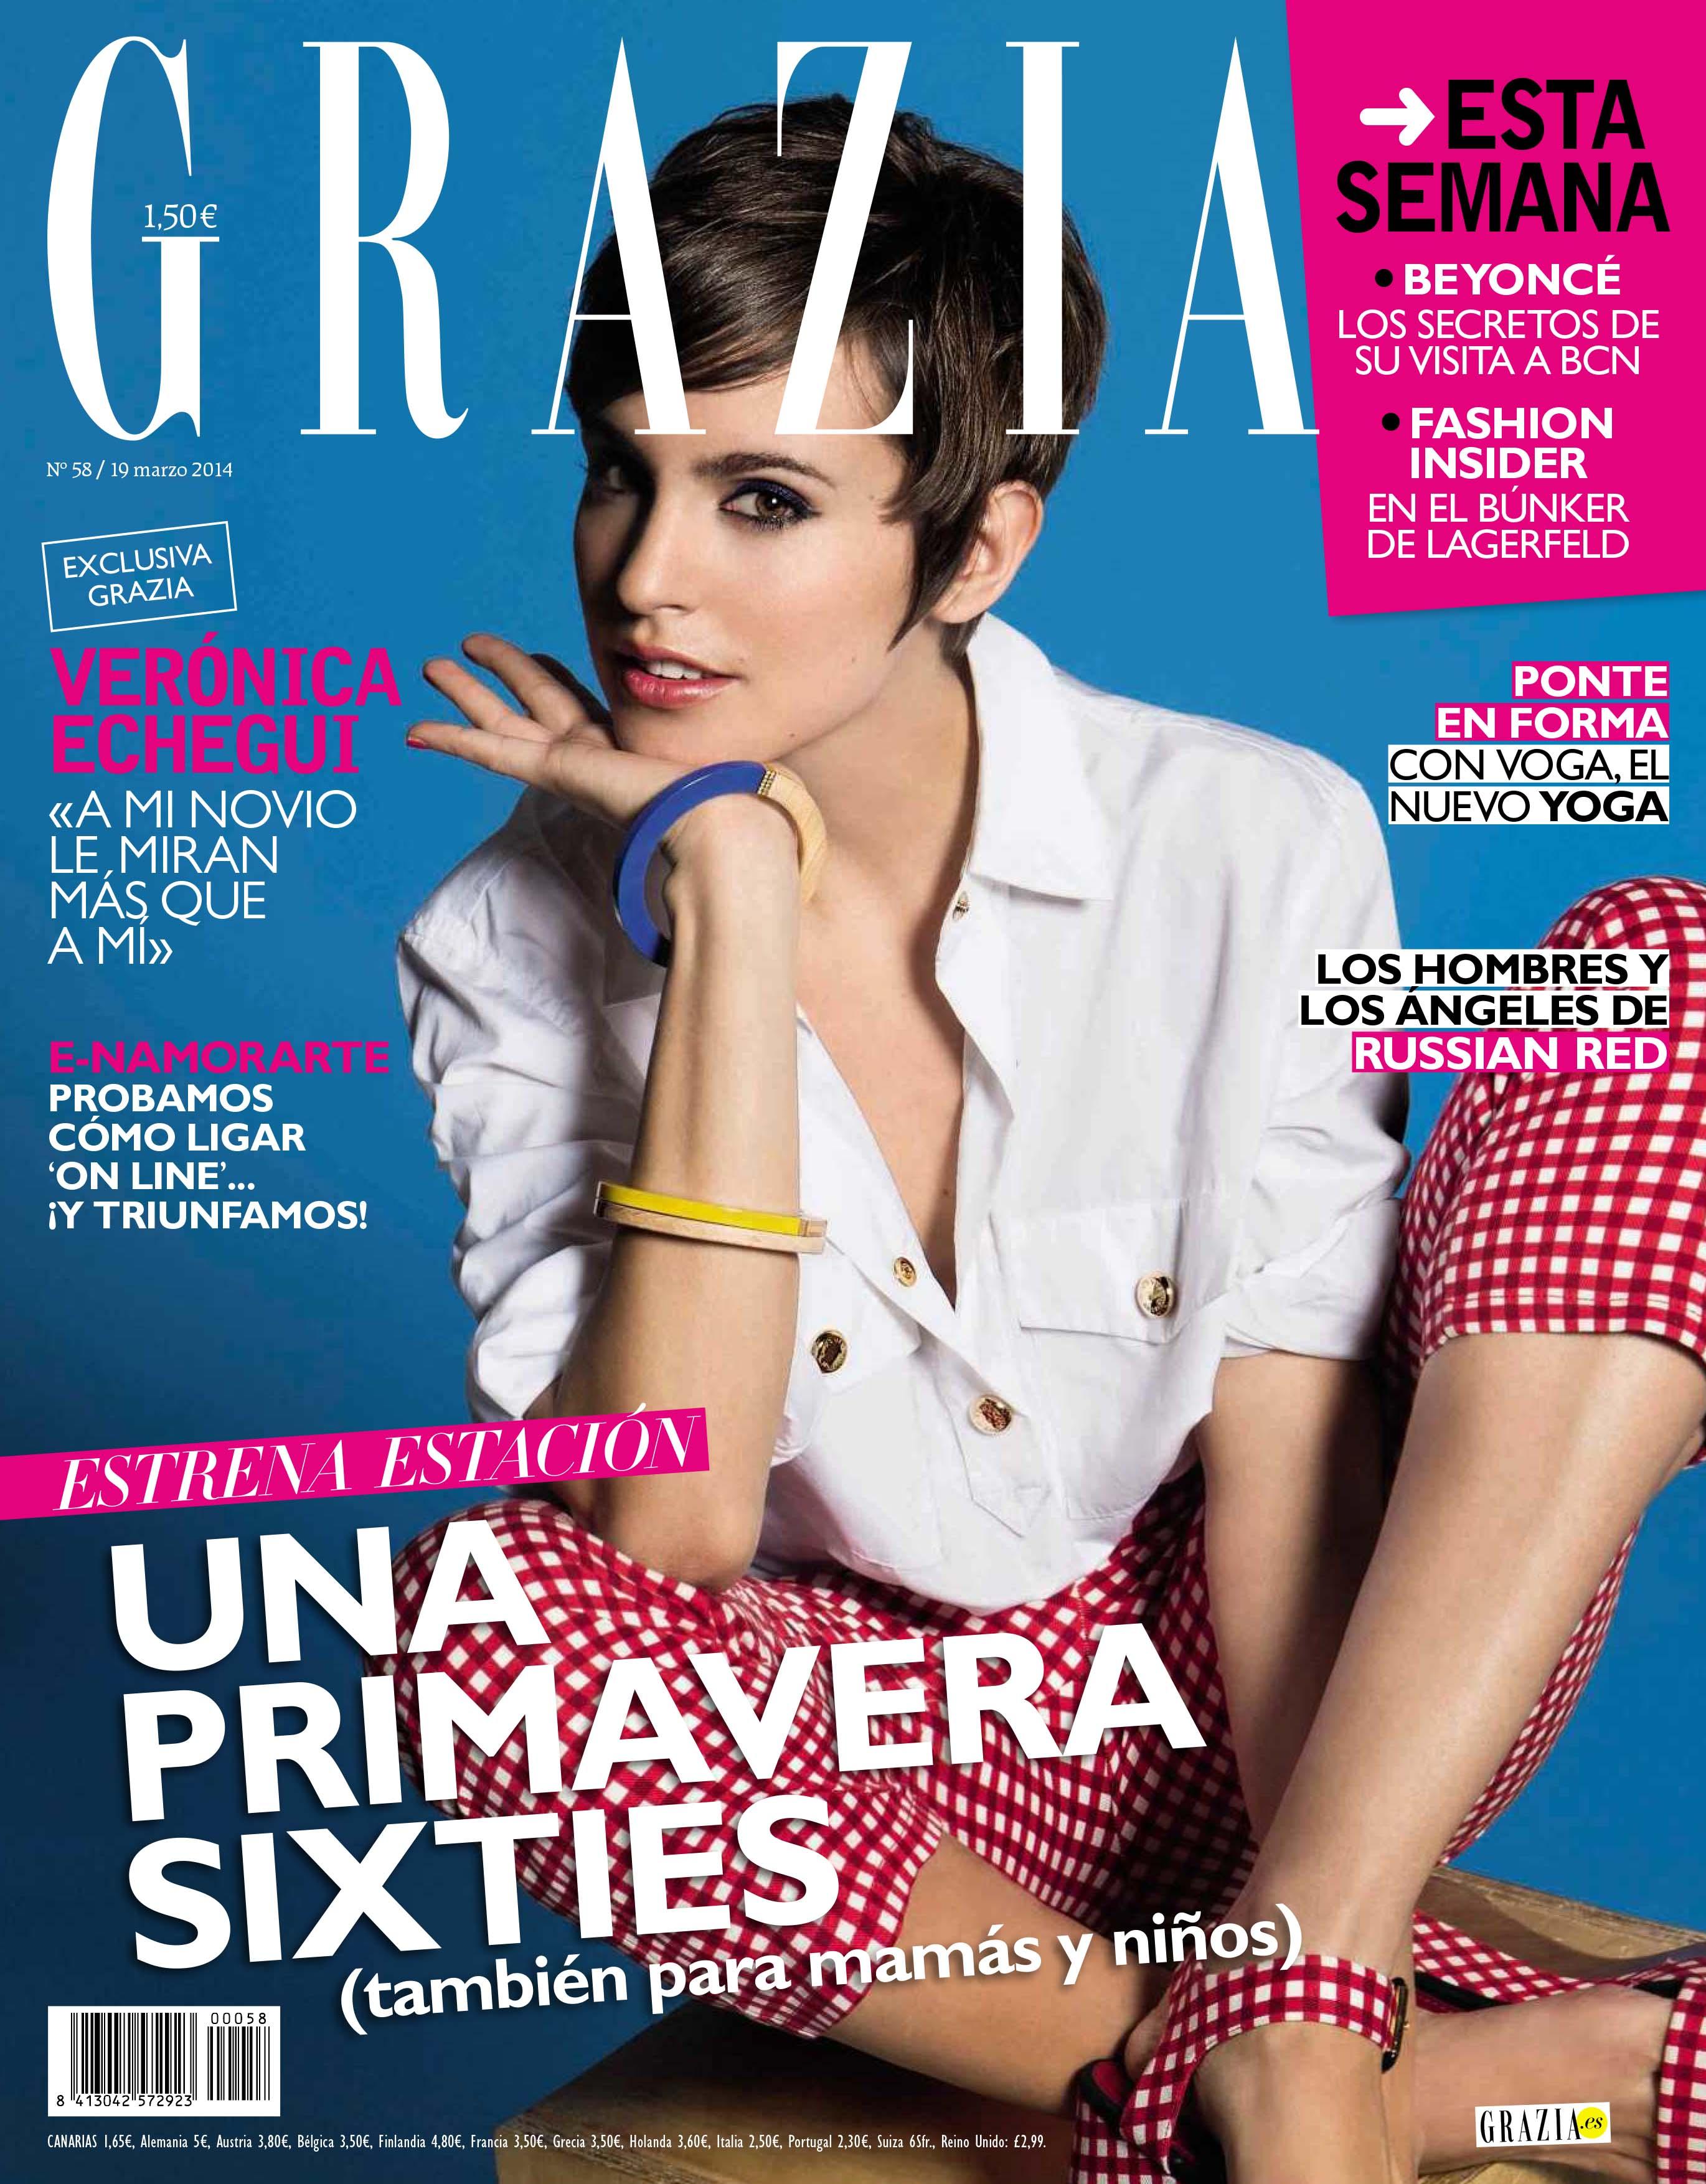 GRAZIA portada 19 de Marzo 2014